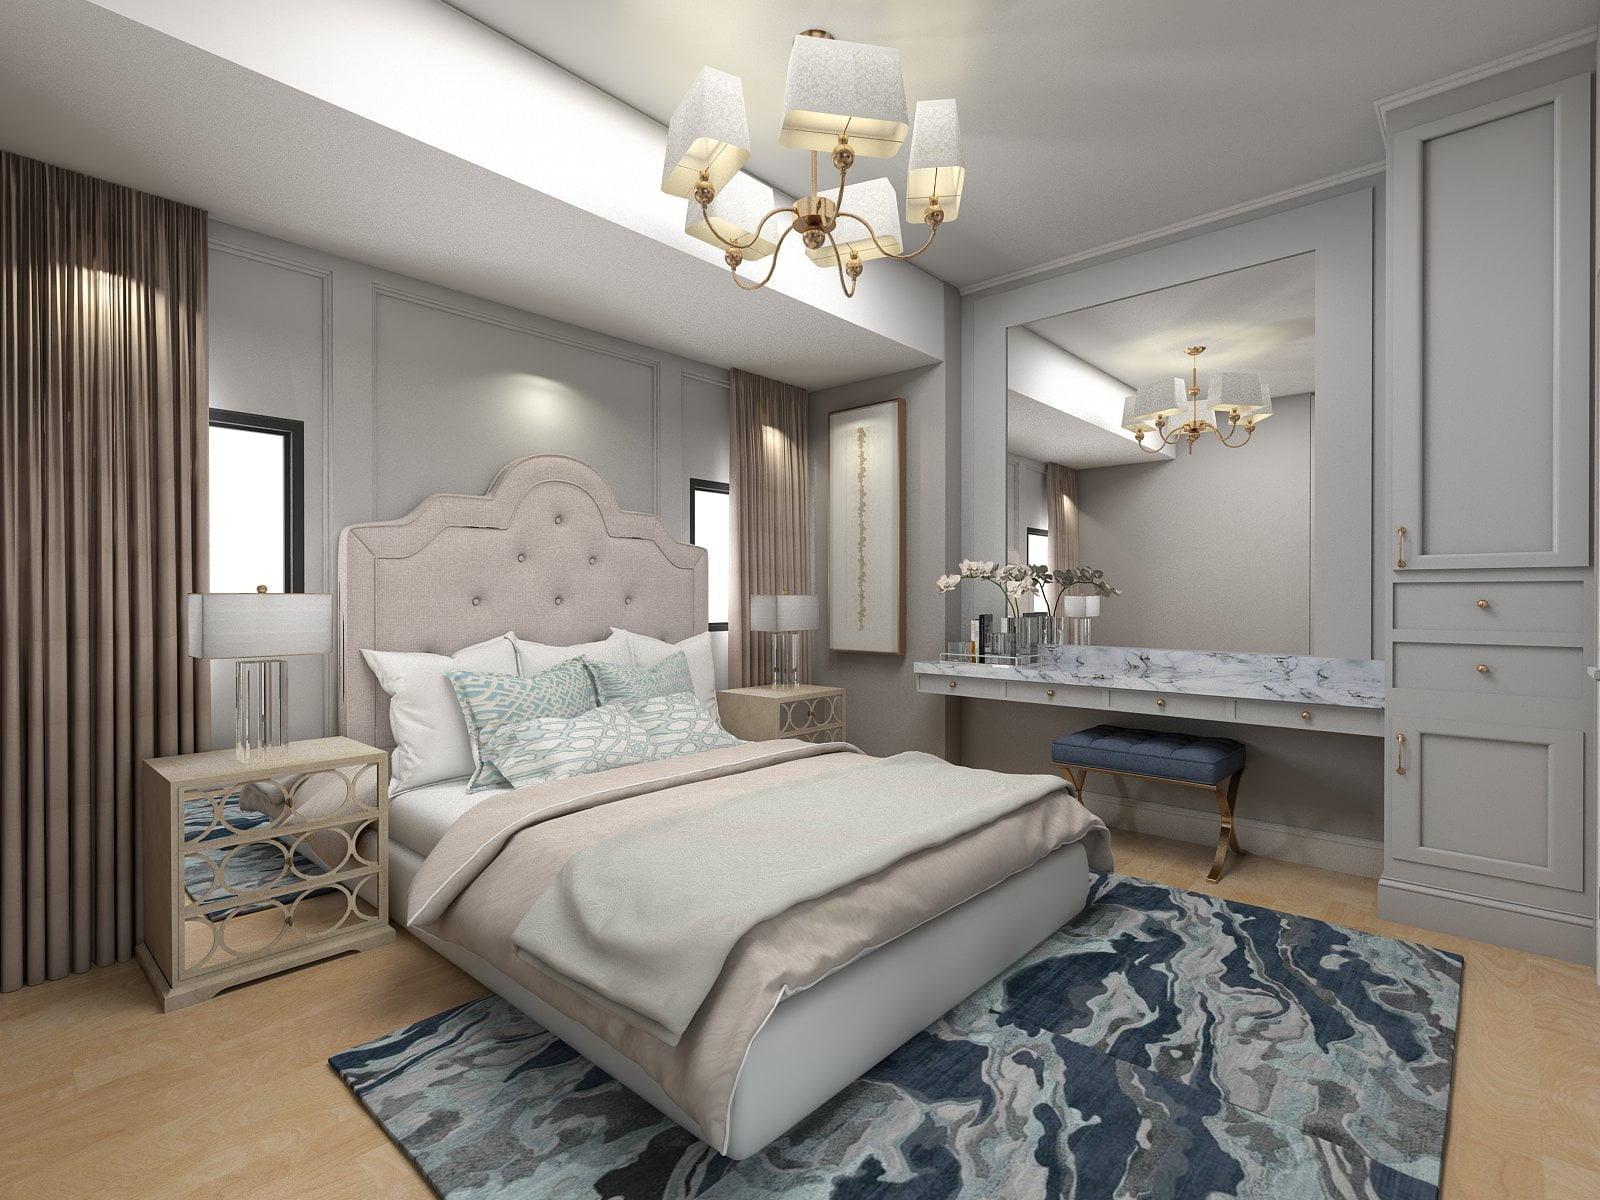 Interior Design Production Quotation Request | Laurea 2